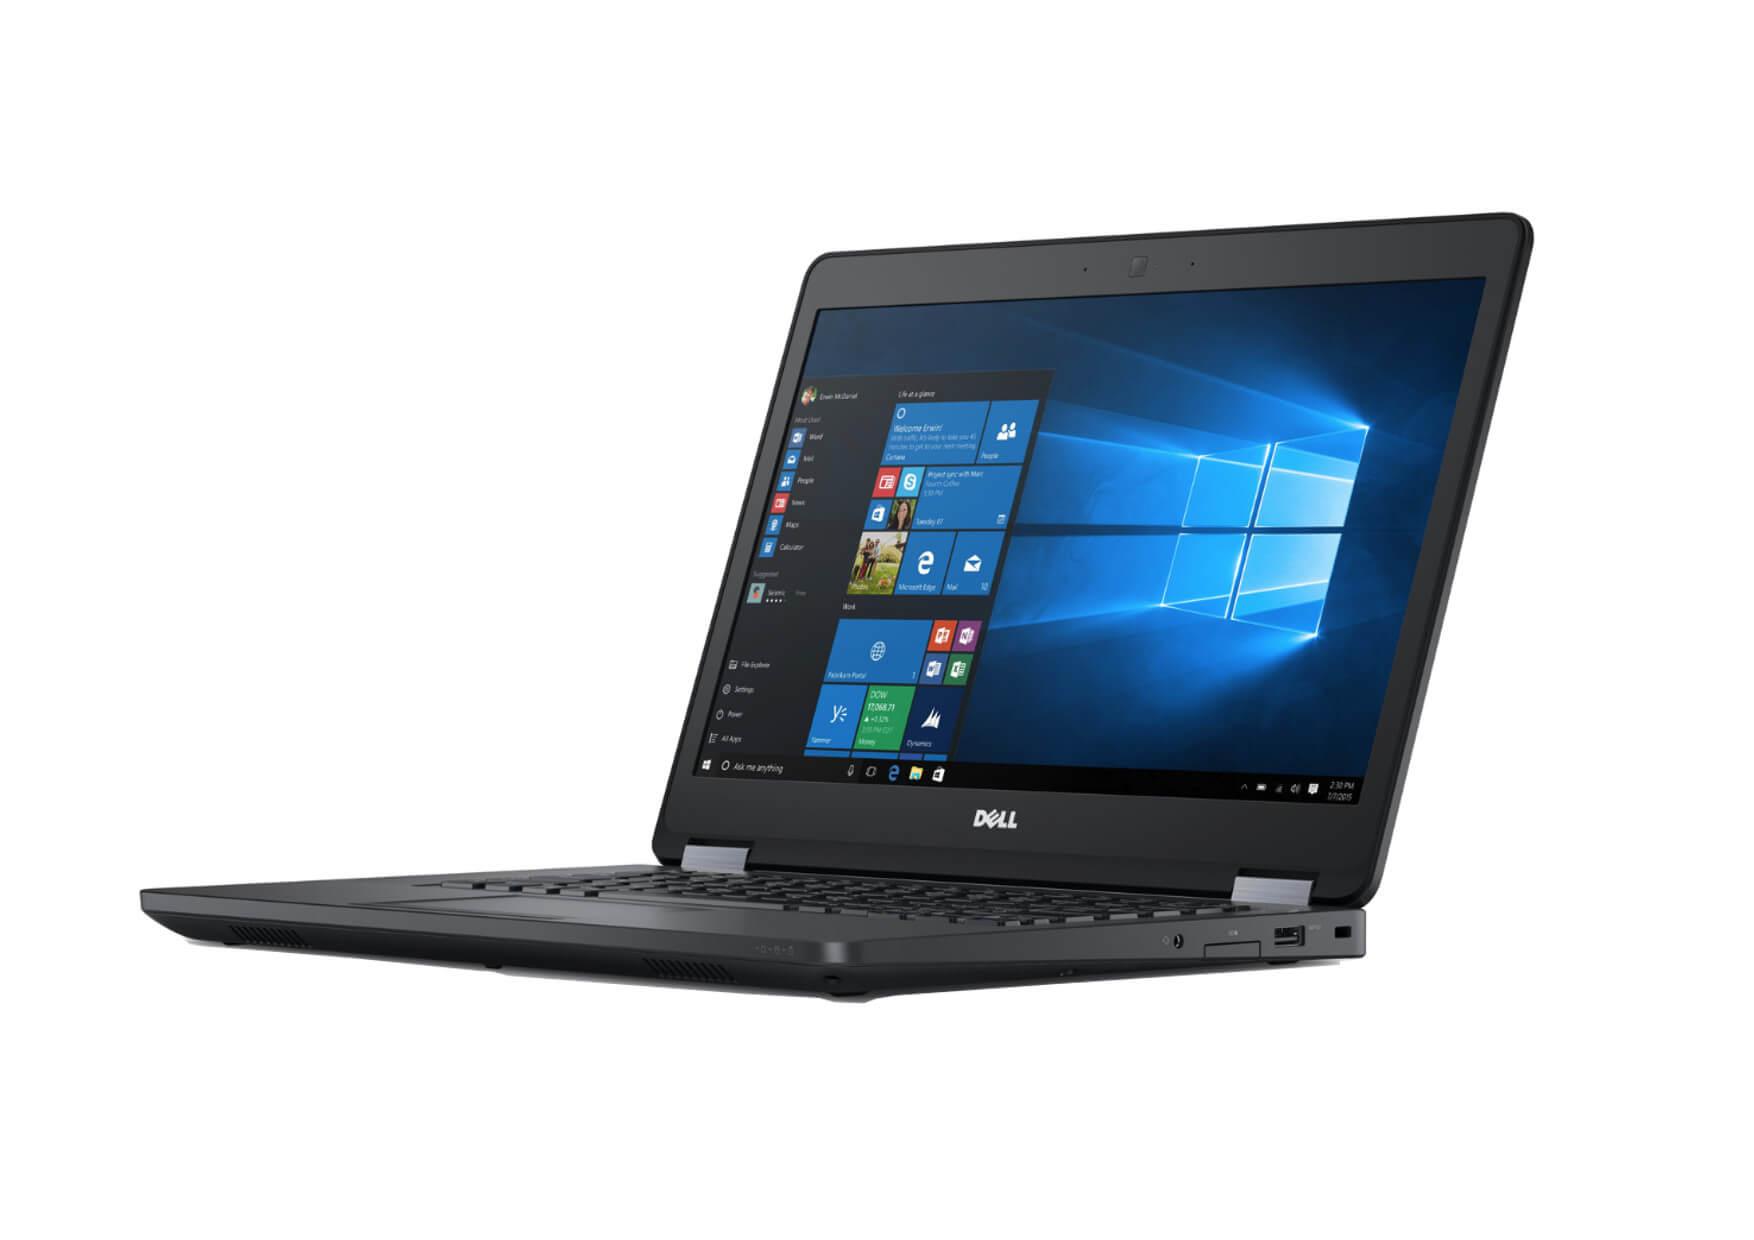 DELL LATITUDE E5470 I5-6300U 2.4 / 8192 MB DDR4 / 256 GB SSD M.2 / WINDOWS 10 PRO / 14